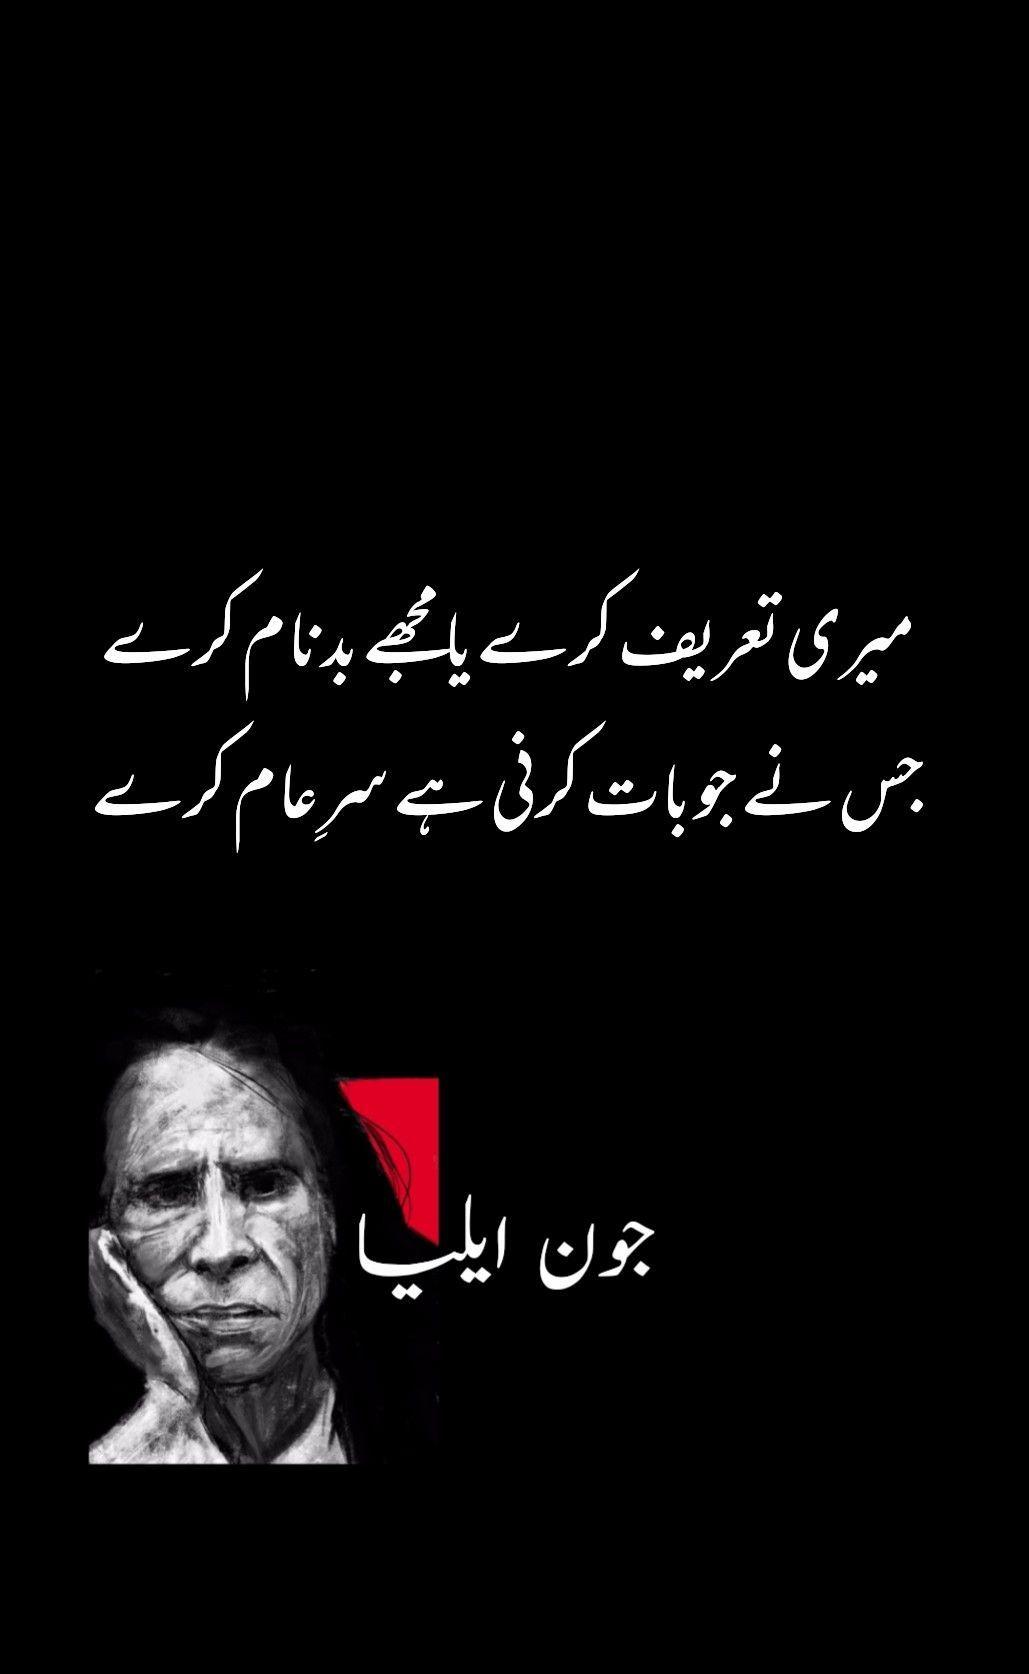 Pin by Wardabatool on Jaun Elia | Urdu poetry ghalib, Poetry, Urdu